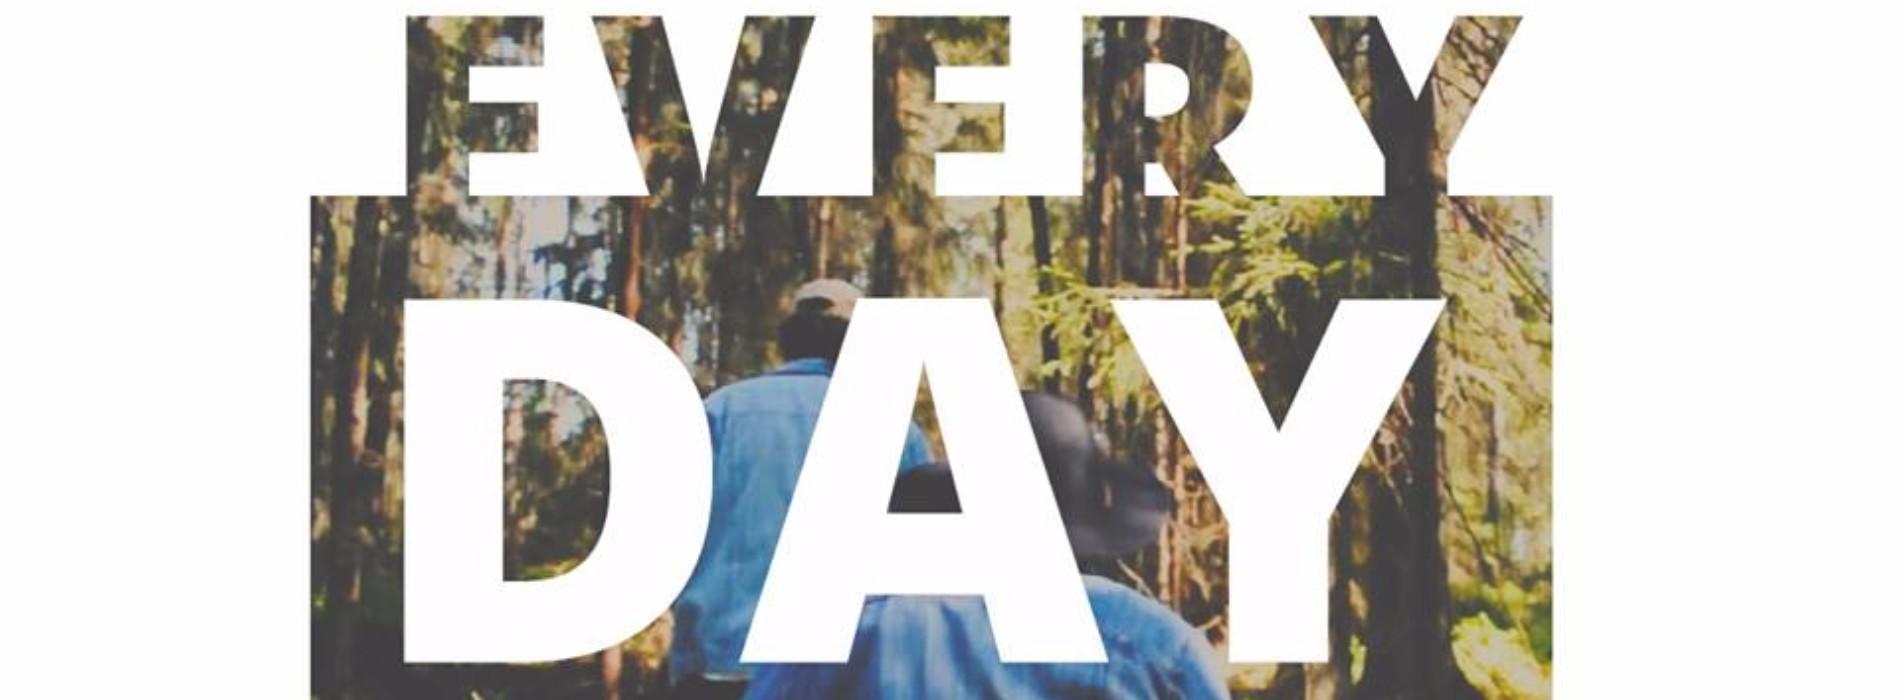 Costa & Tom Alfons – Every Day (සොයන් ආවත් සල්ලි)